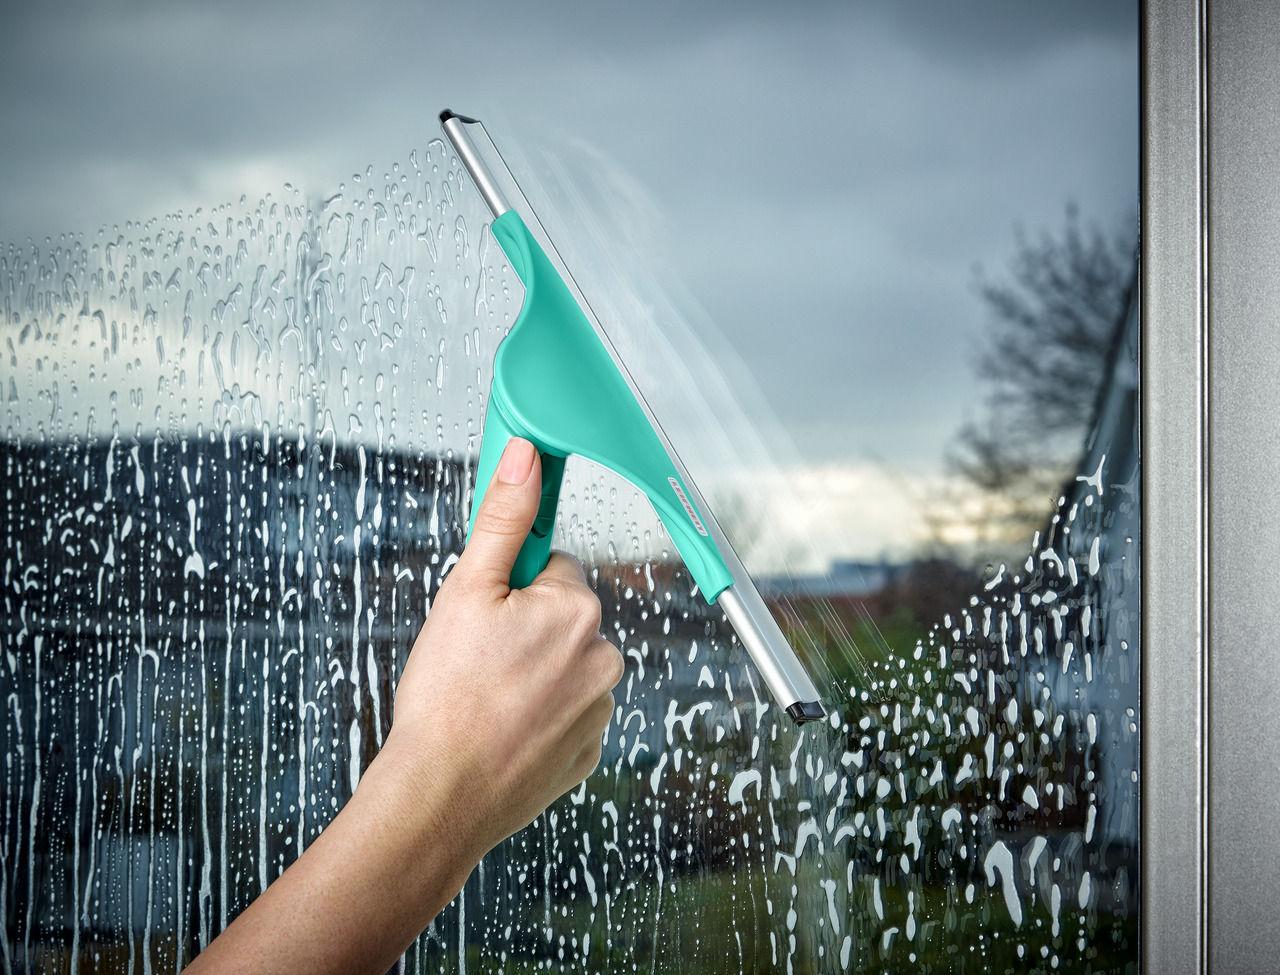 Резиновый шпатель равномерно убирает жидкость и не оставляет разводов